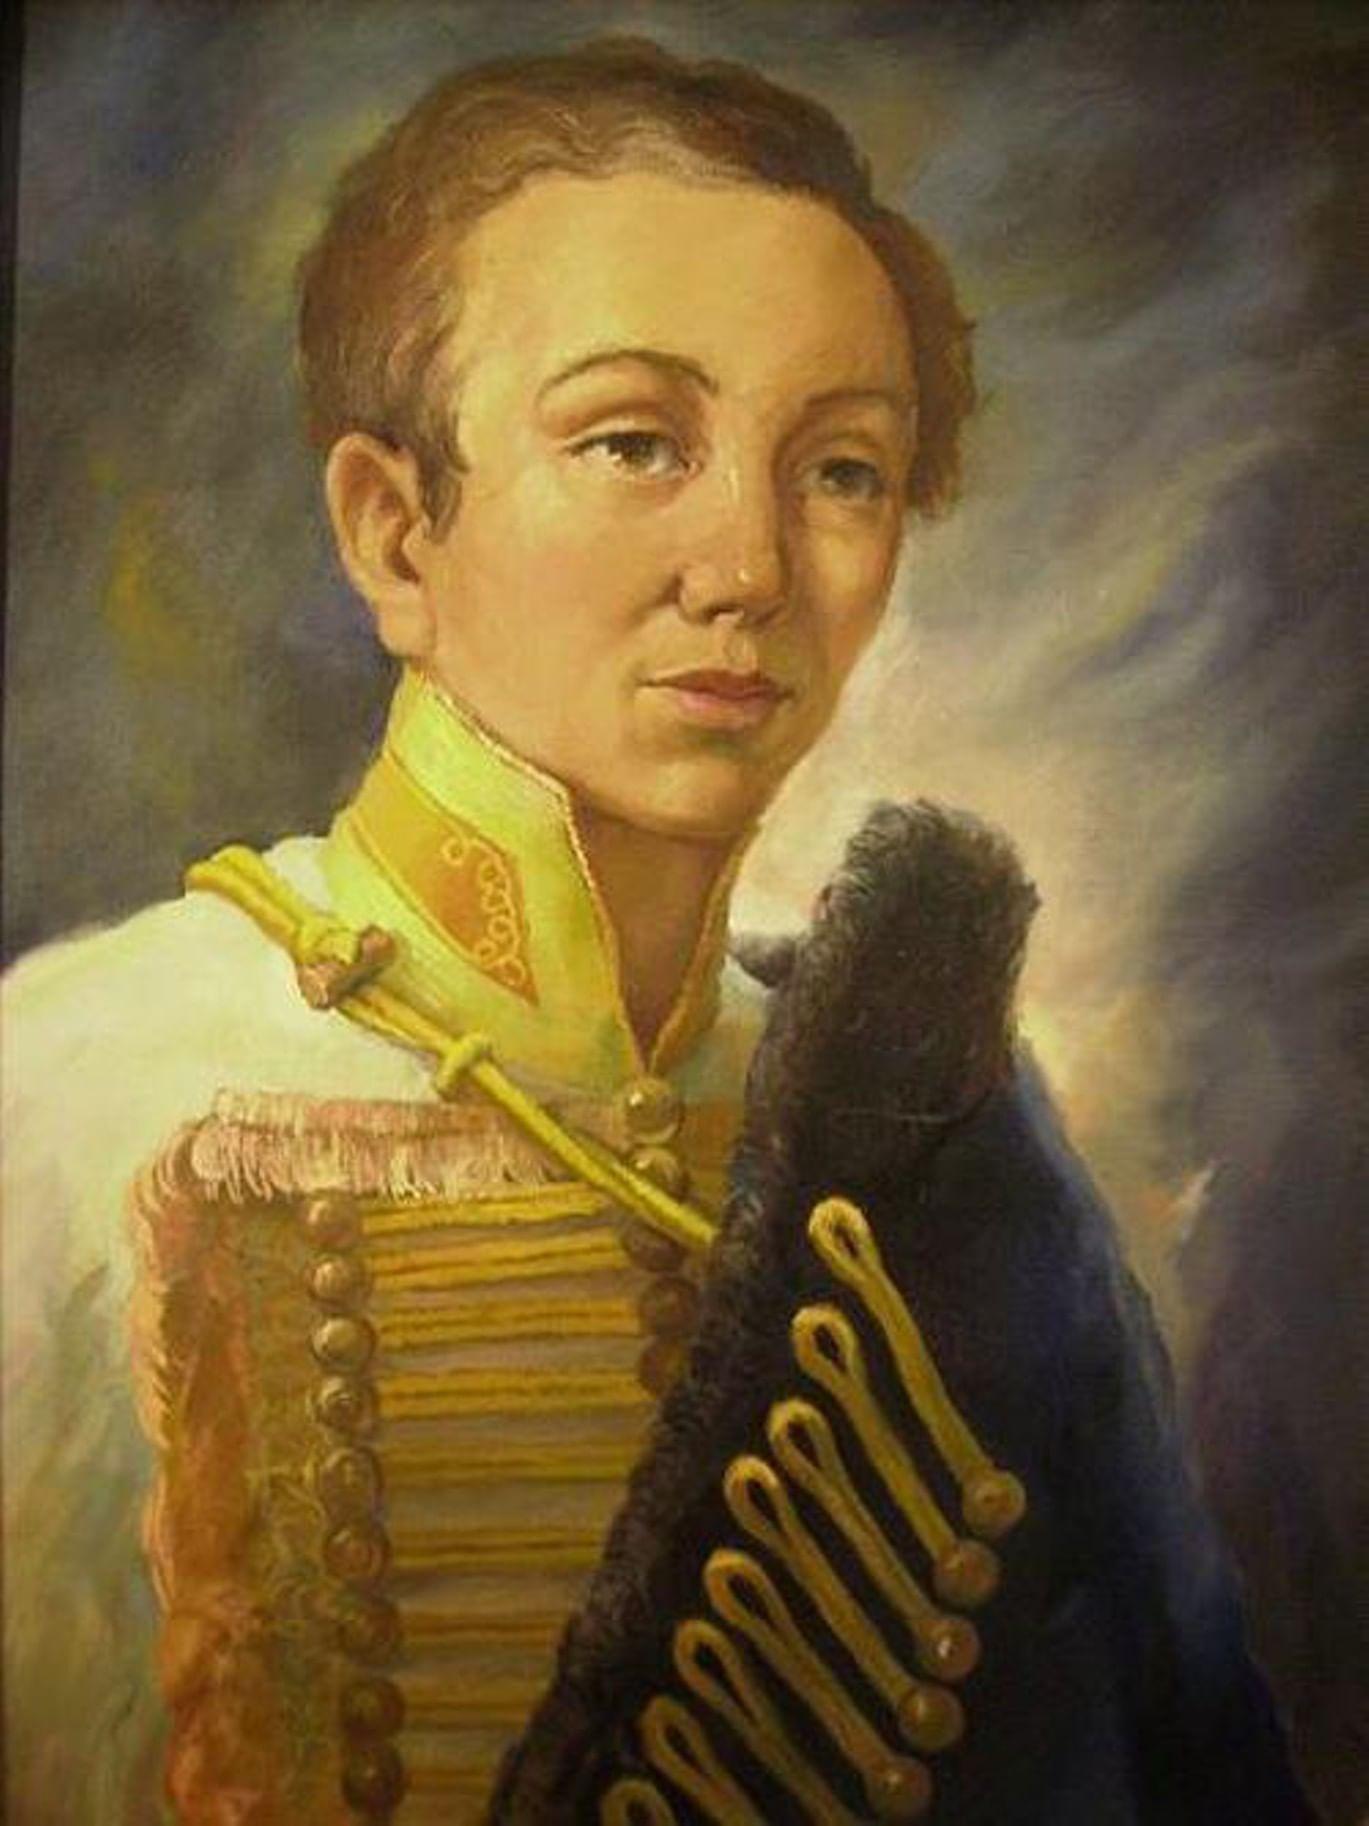 Удивительная жизнь кавалерист-девицы Надежды Дуровой